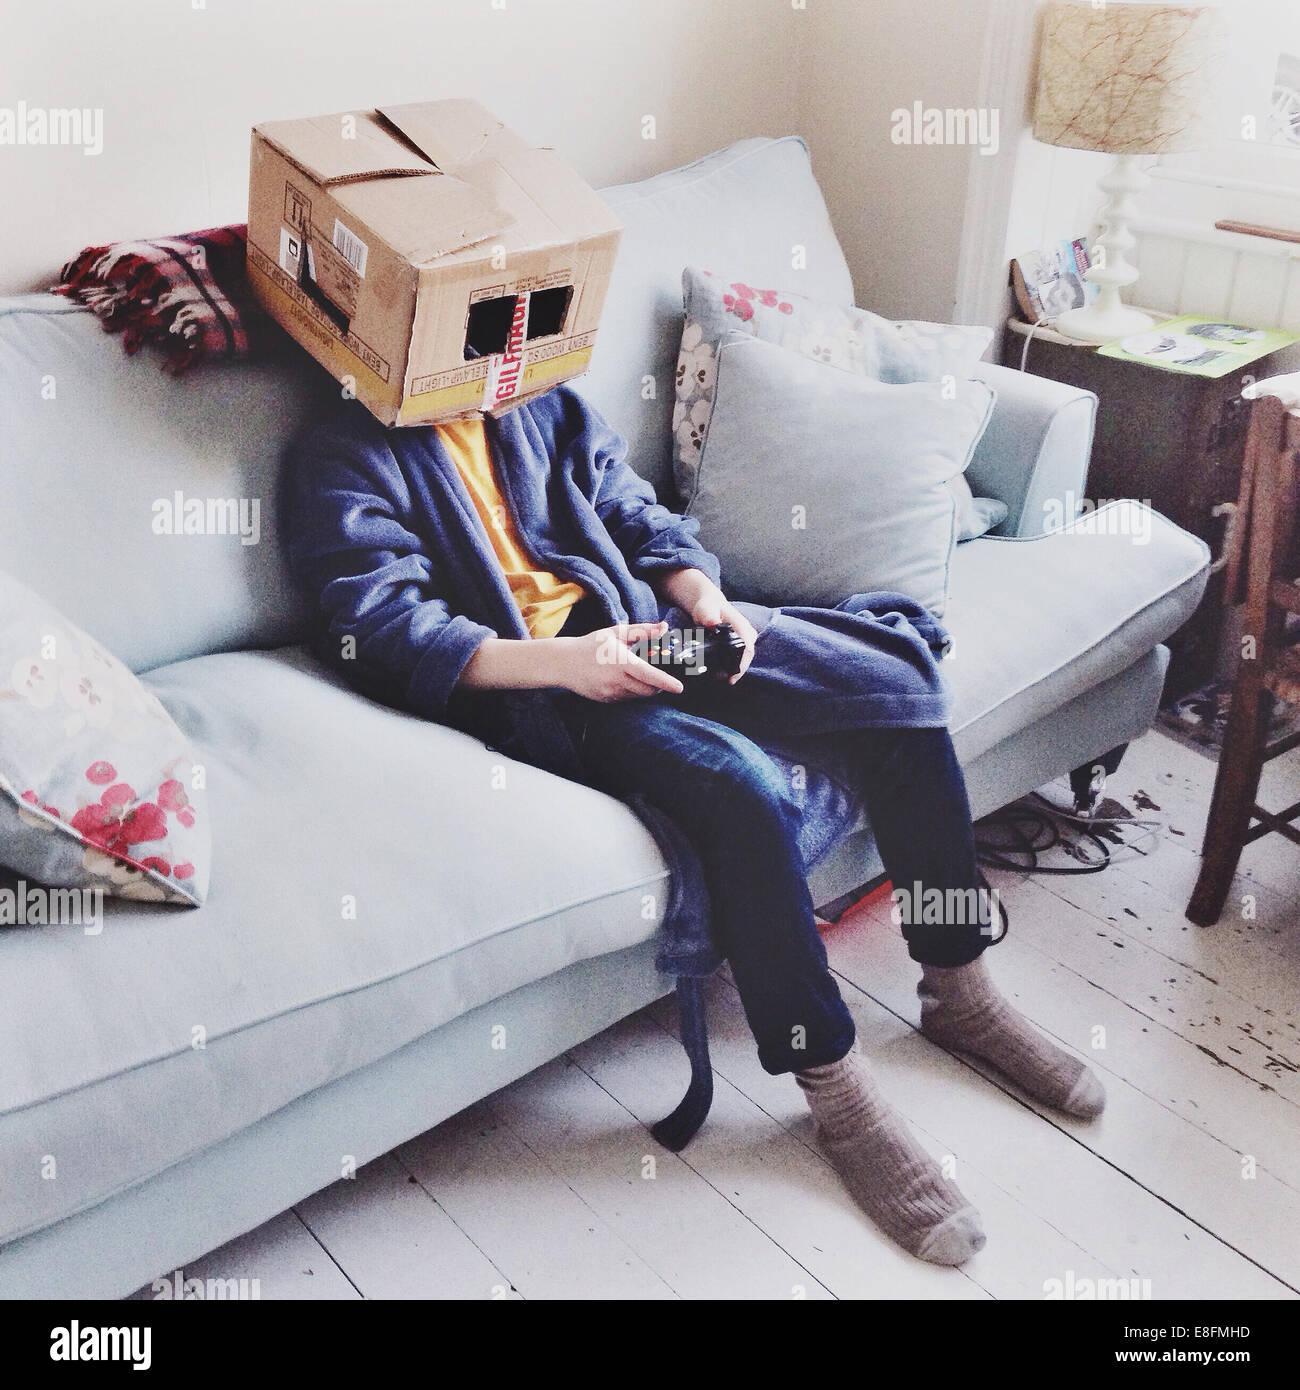 Regno Unito Inghilterra Brighton, scatola testa (12-13) di guardare la televisione Immagini Stock